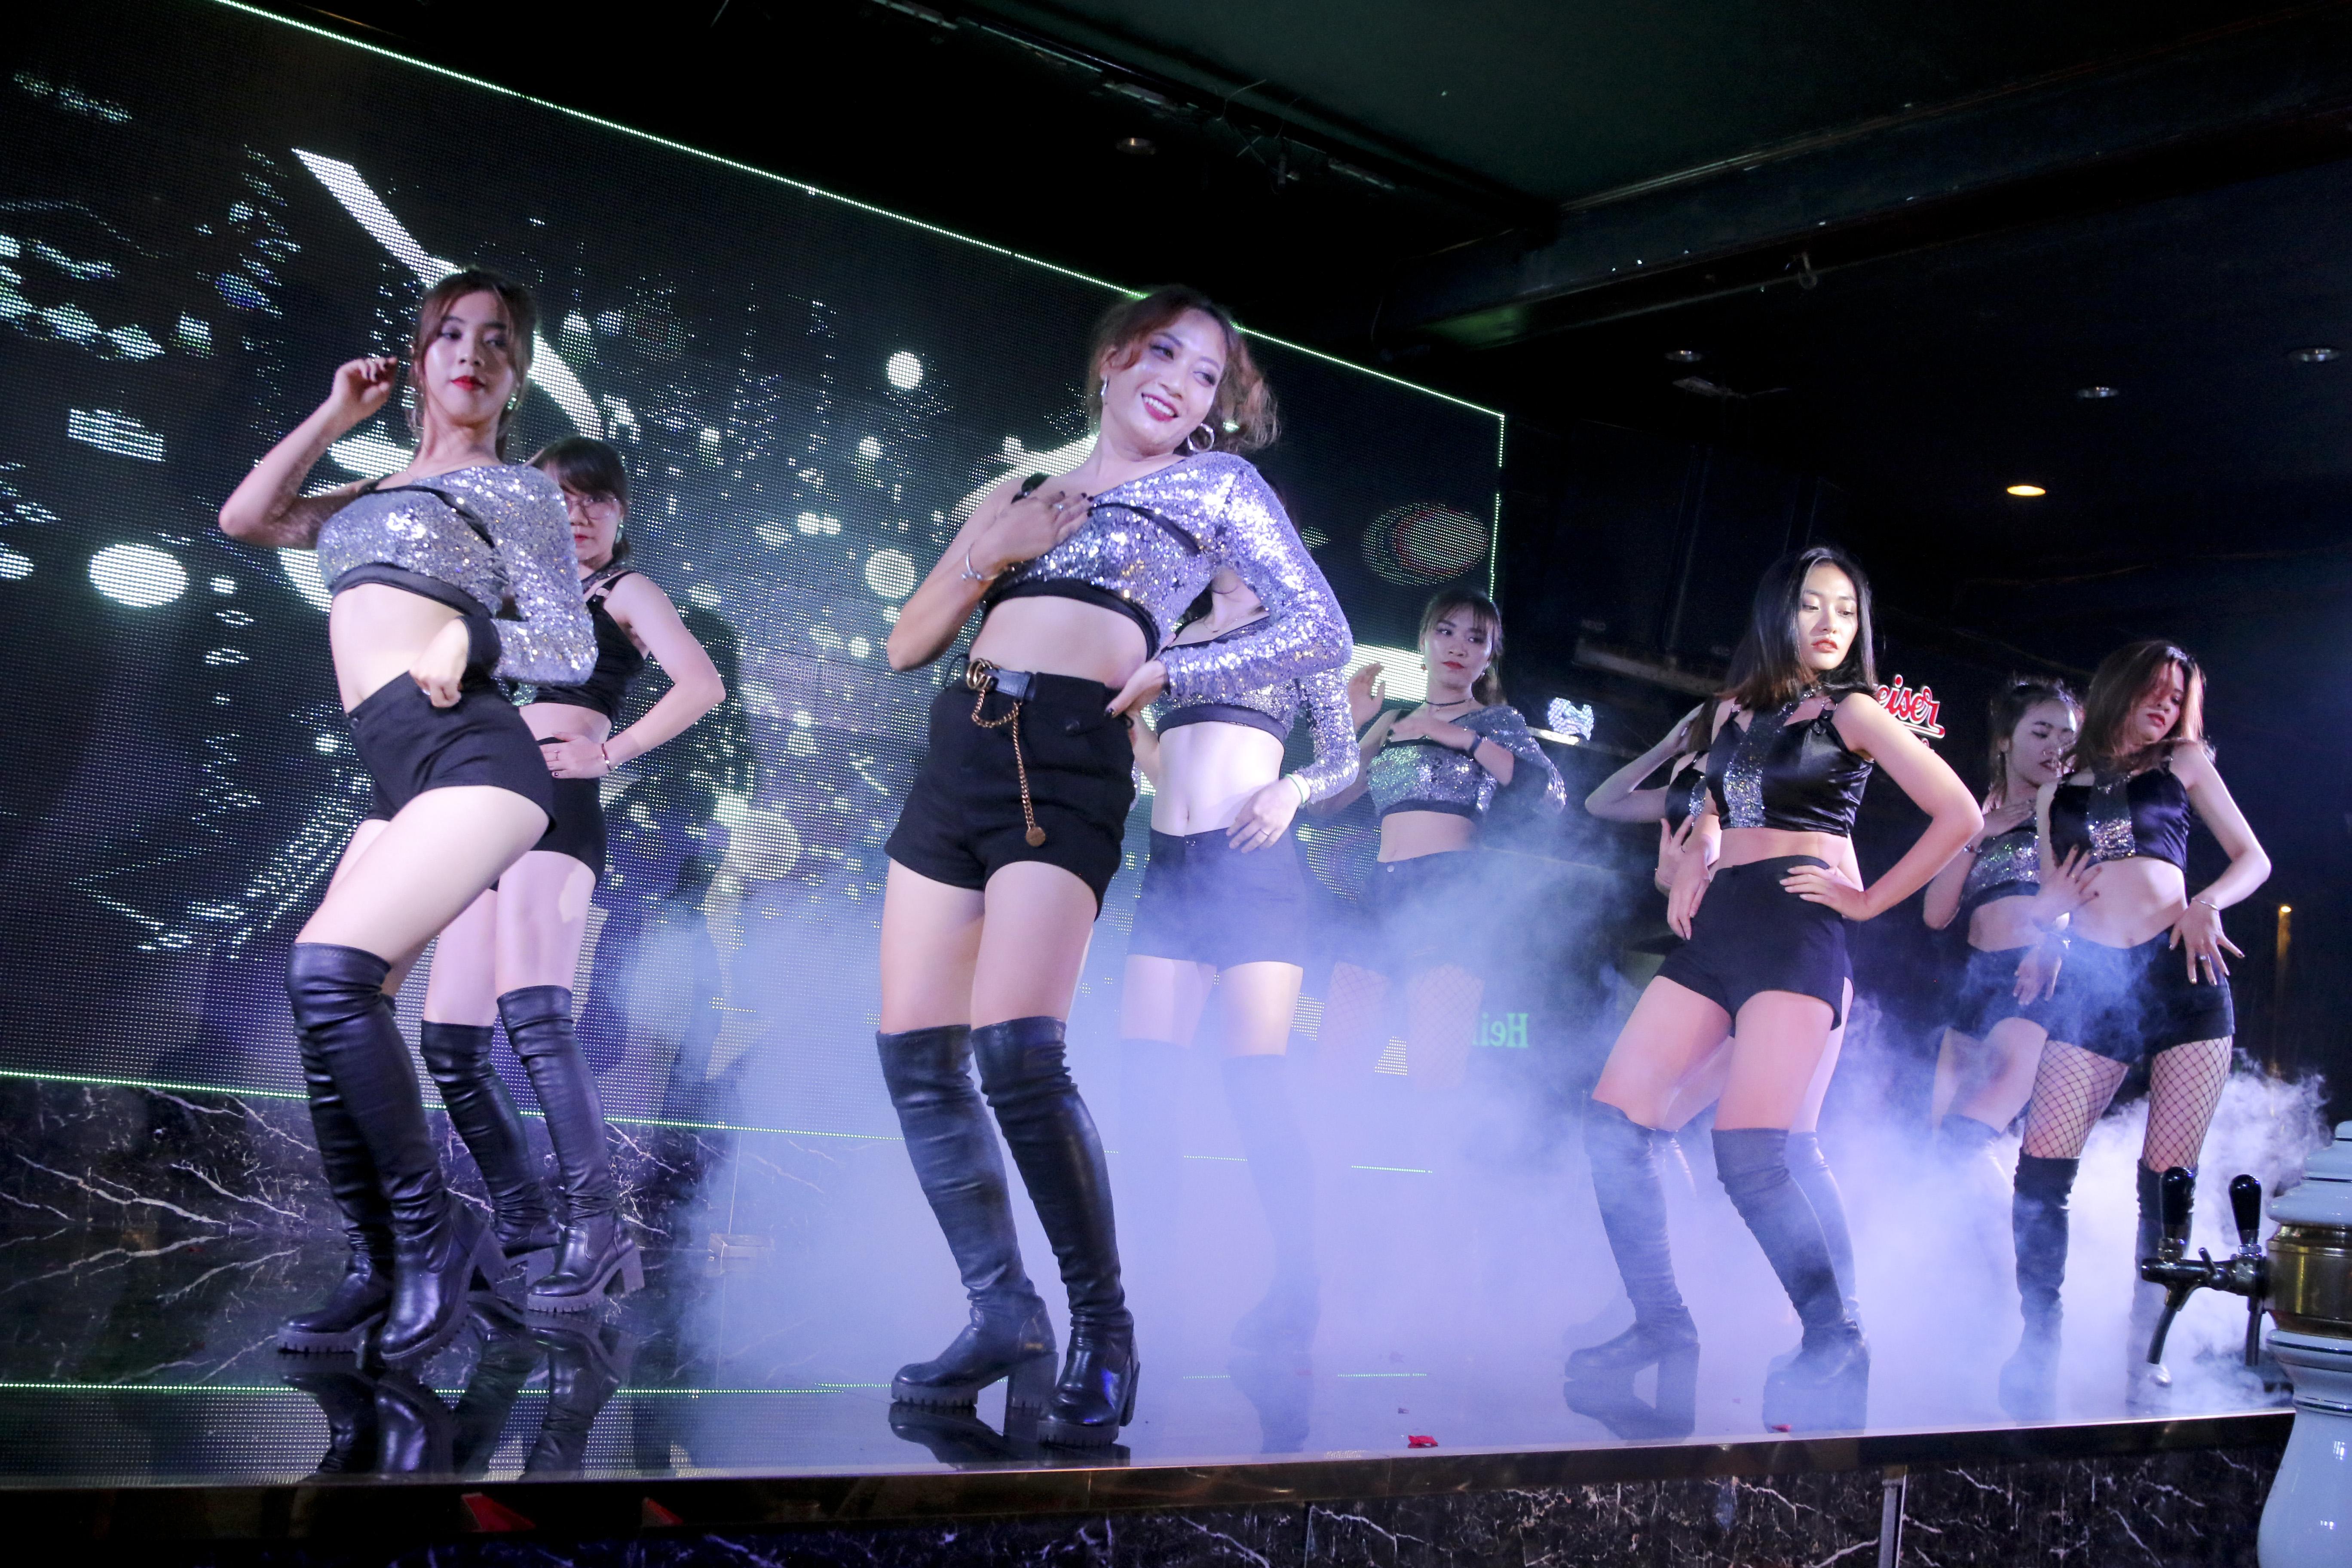 """Và """"cú nổ"""" cuối cùng đến từ liên quân ĐH FPT và THPT FPT Hòa Lạc với phần sexy dance nóng bỏng."""